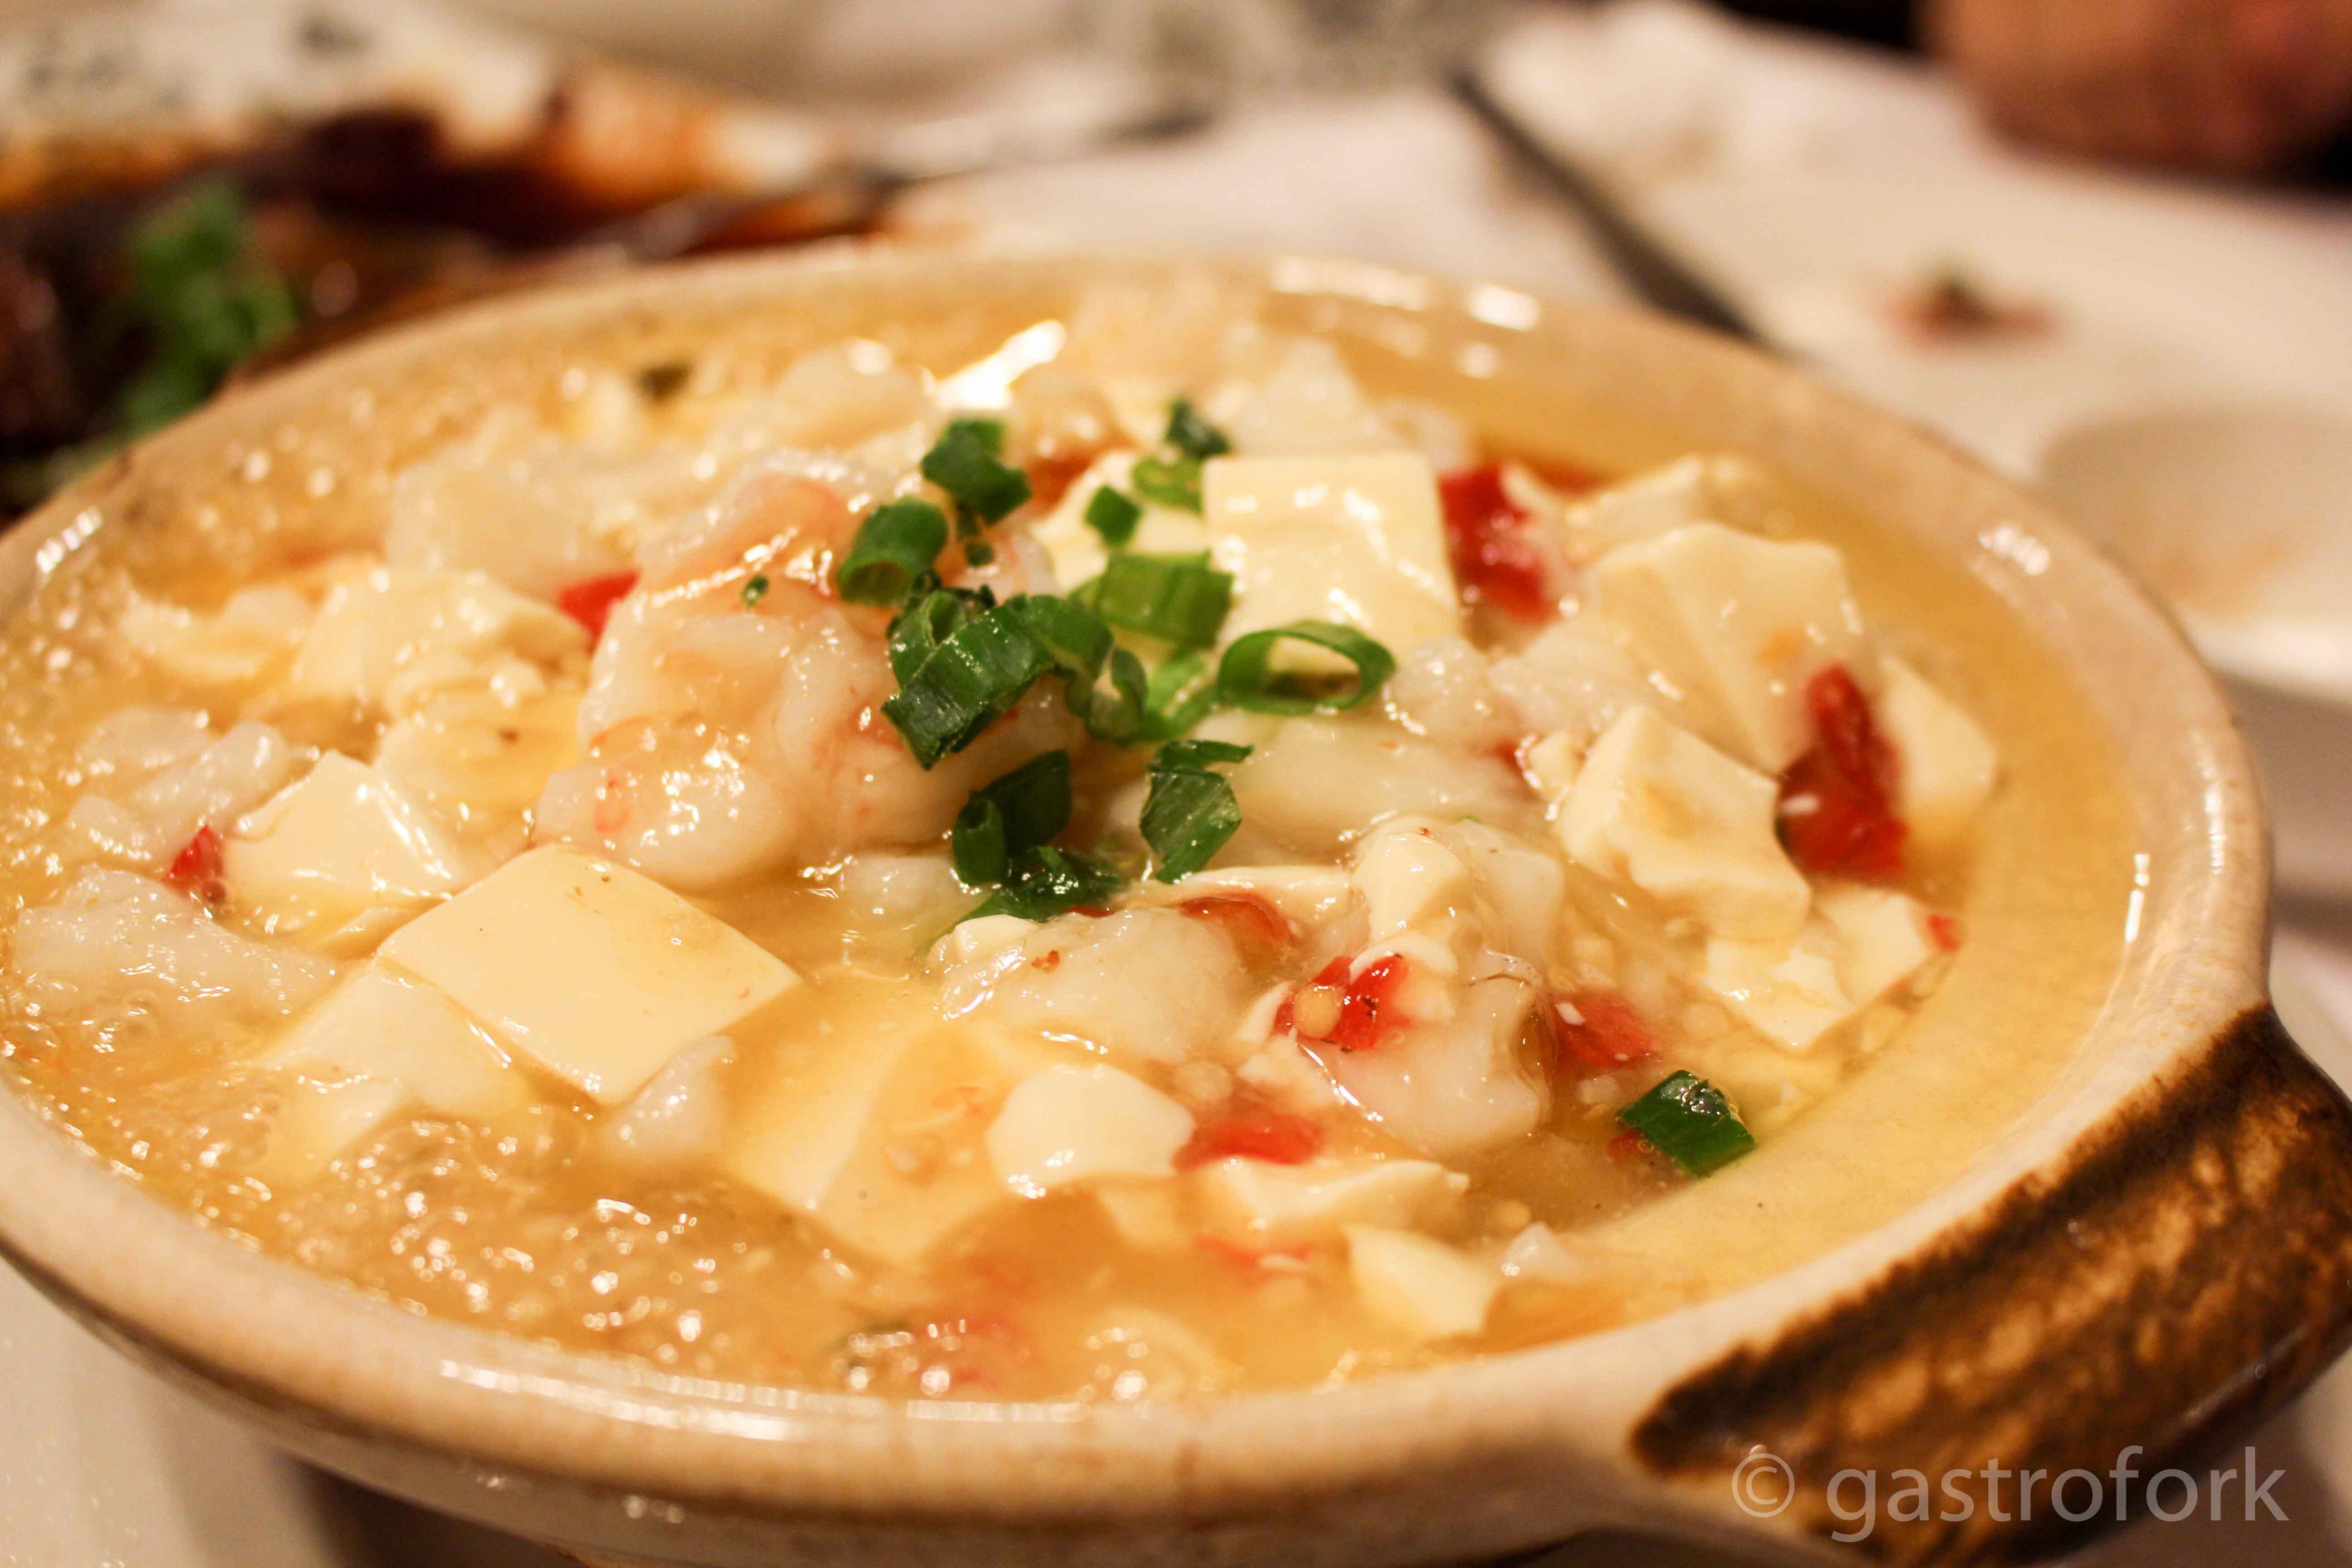 lins cuisine-9553